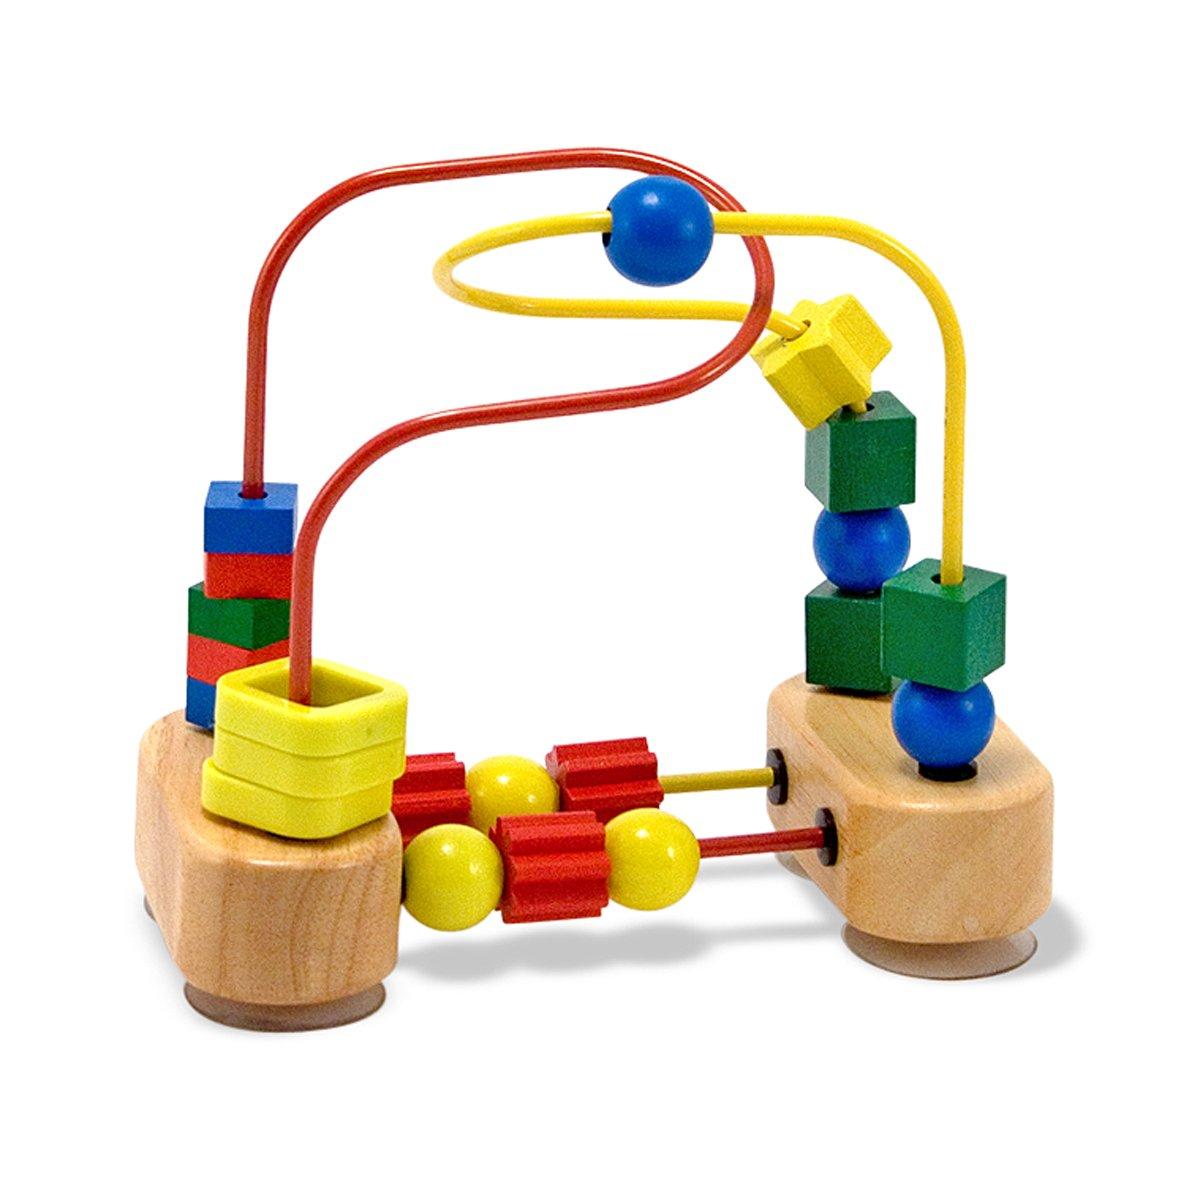 melissa  doug first bead maze  wooden educational toy amazonco  - melissa  doug first bead maze  wooden educational toy amazoncouk toys games